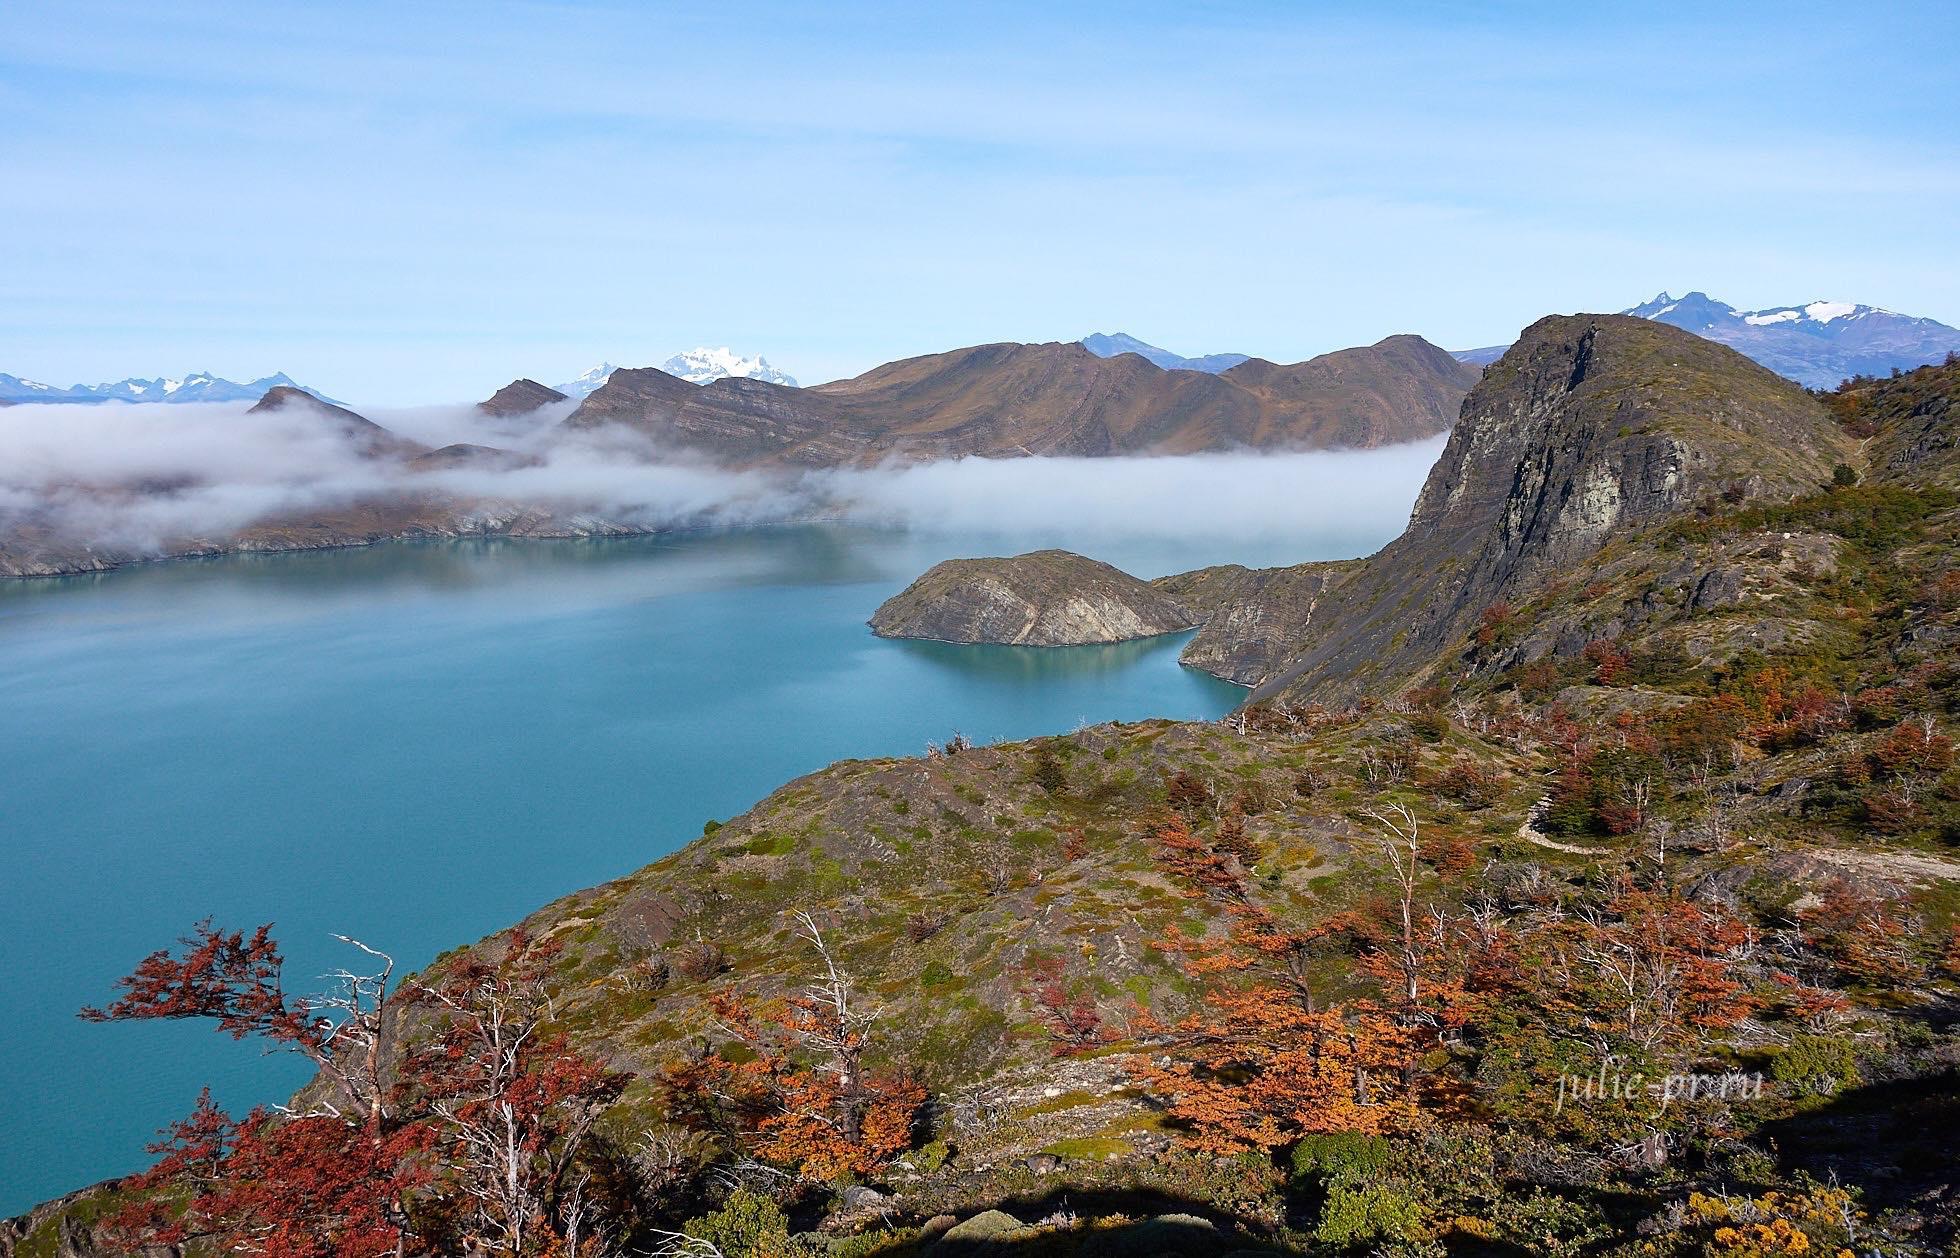 Путешествие в Патагонию: 9. Торрес-дель-Пайне (день 4)